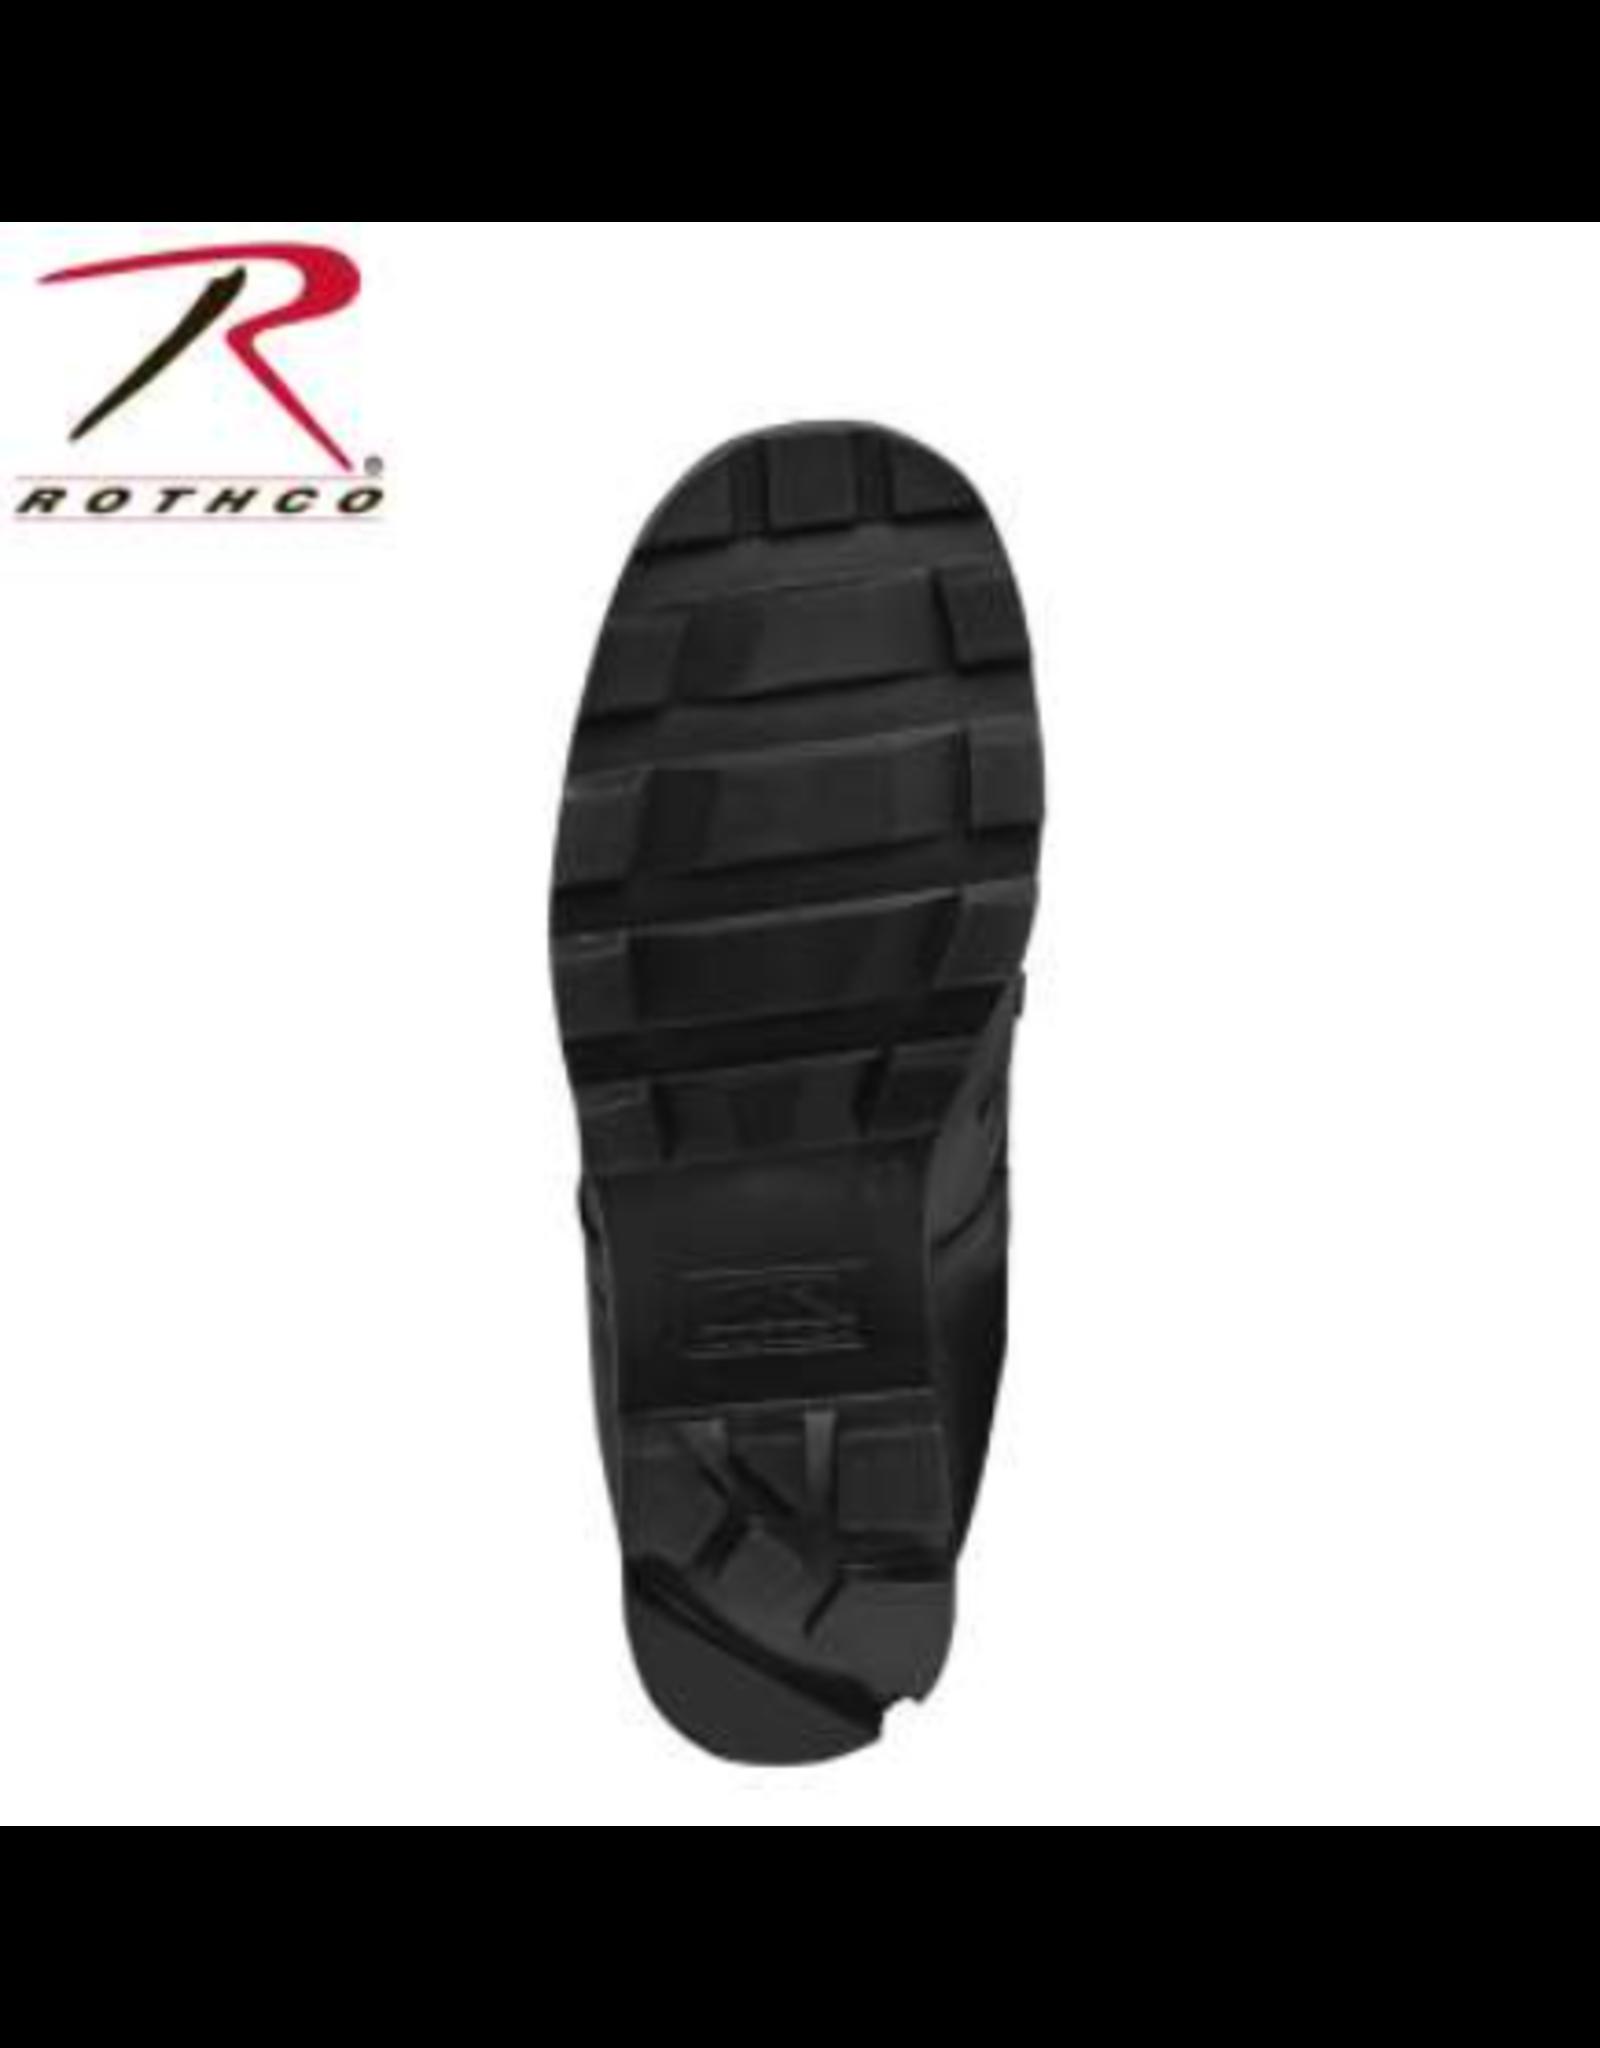 Rothco Rothco Jungle Boots